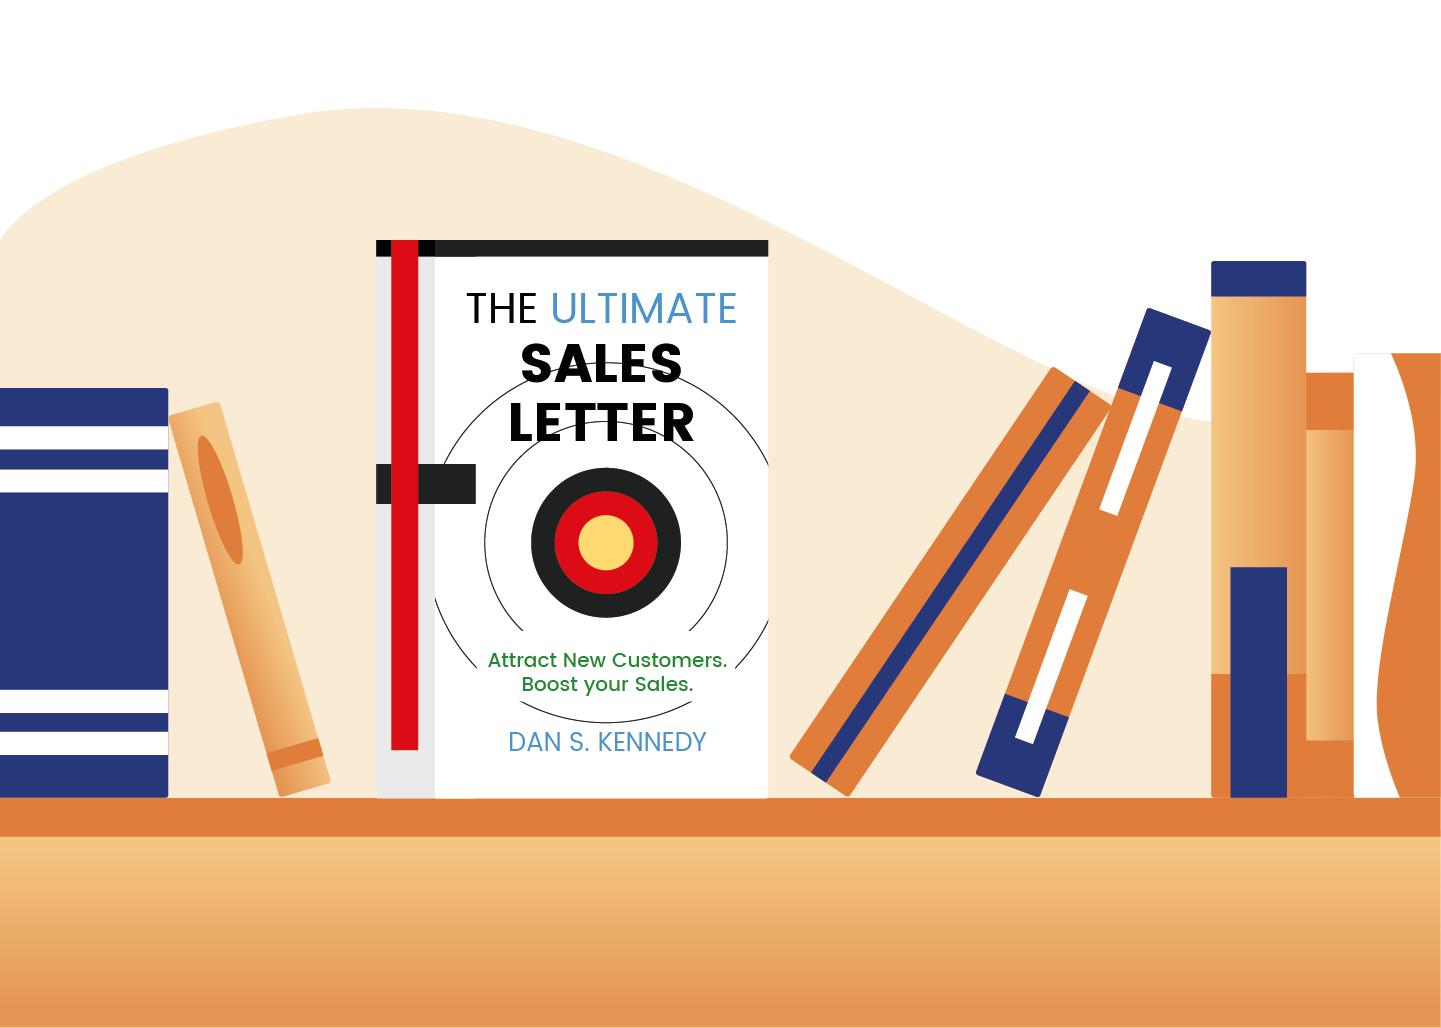 Cover von The Ultimate Sales Letter von Dan Kennedy im Bücherregal